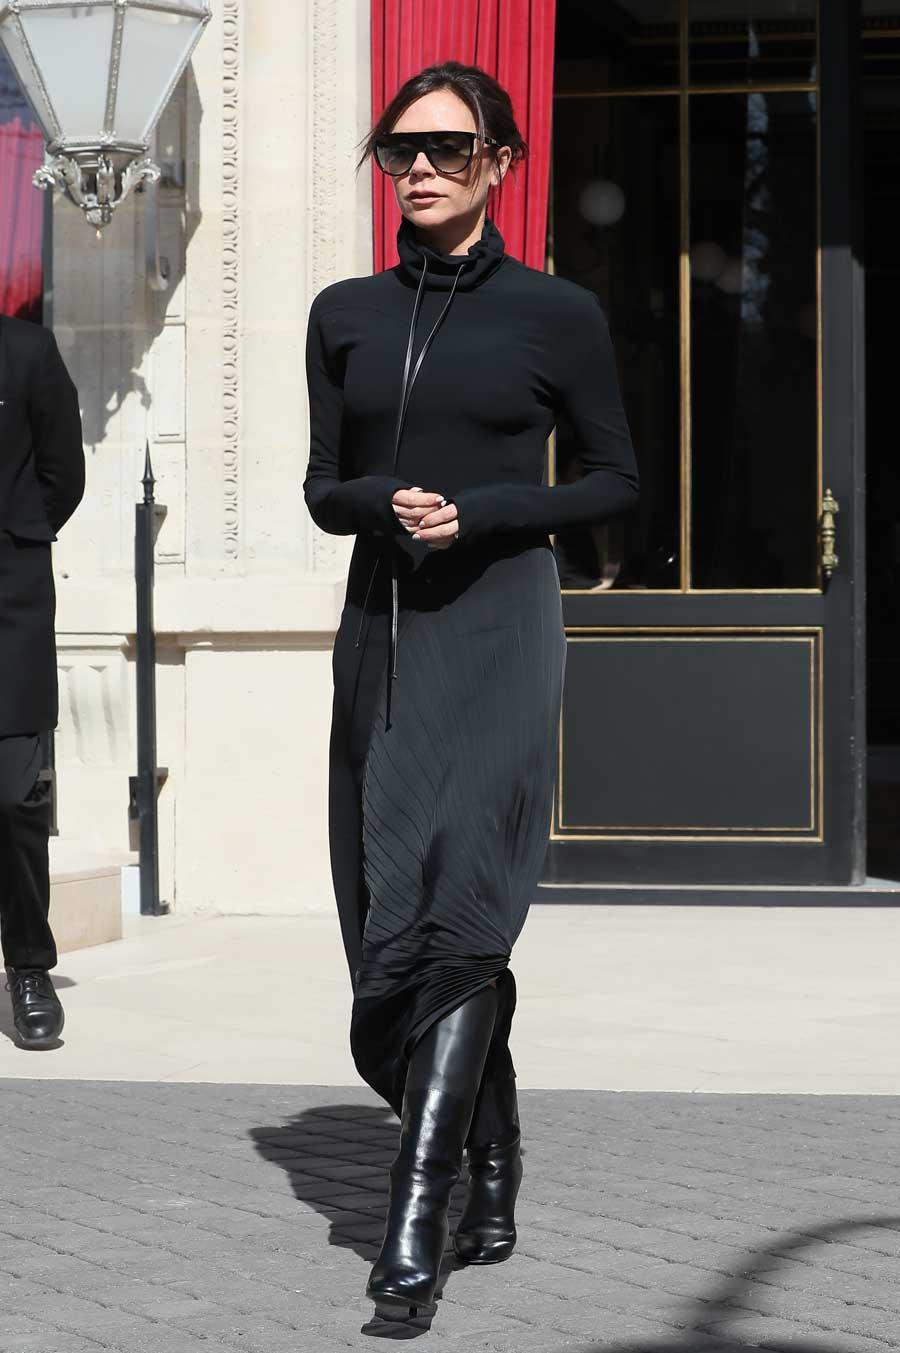 96dab43af Los 6 looks con falda larga que le debemos copiar a Victoria Beckham ...